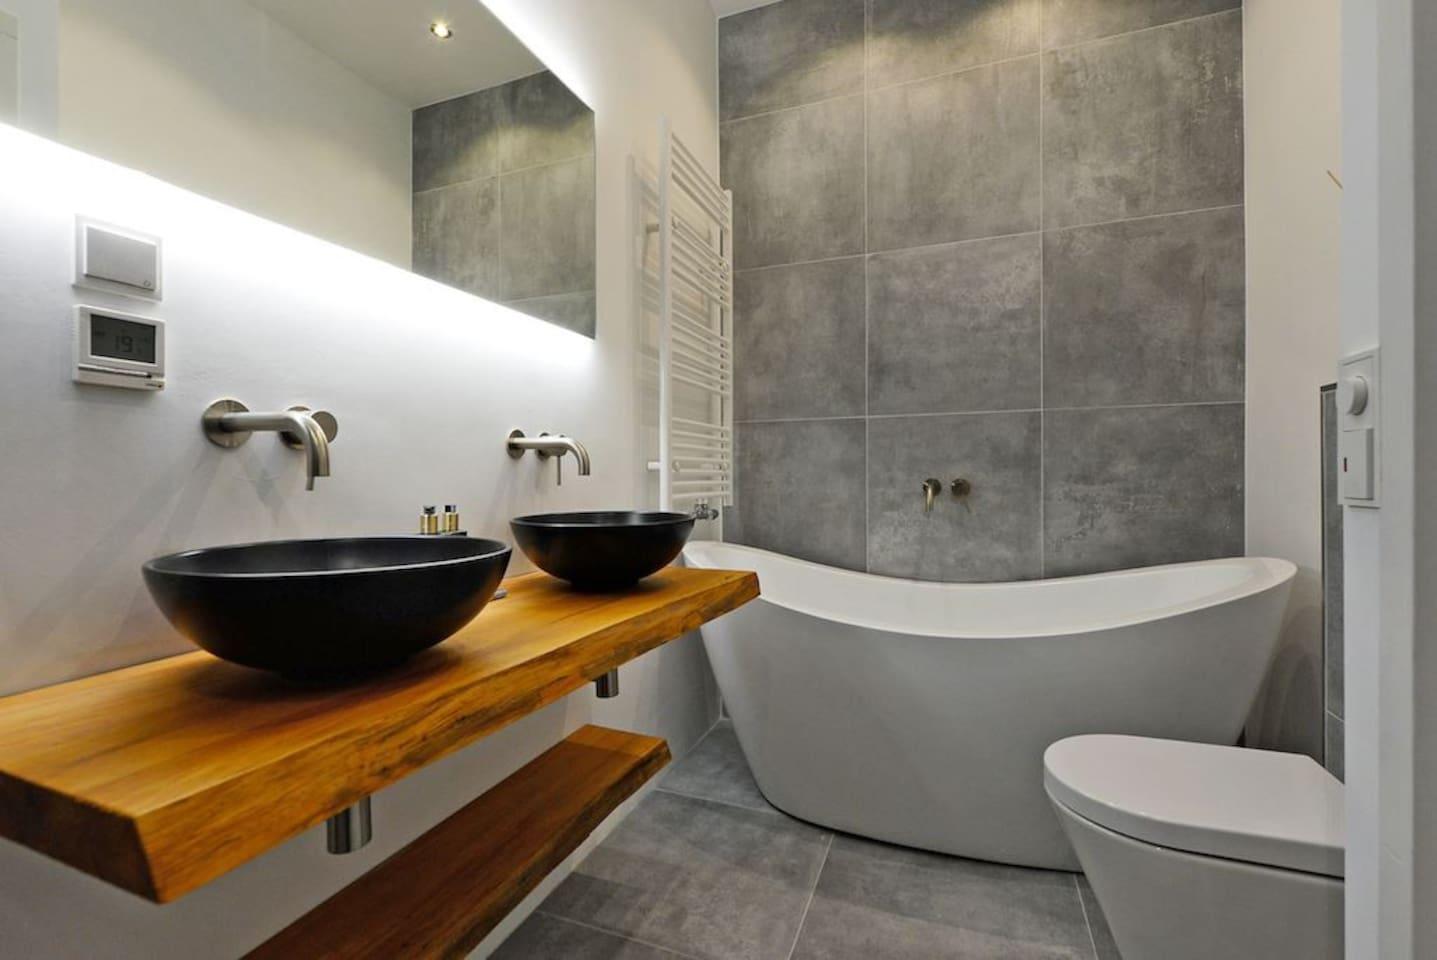 Badkamer met apart groot los bad